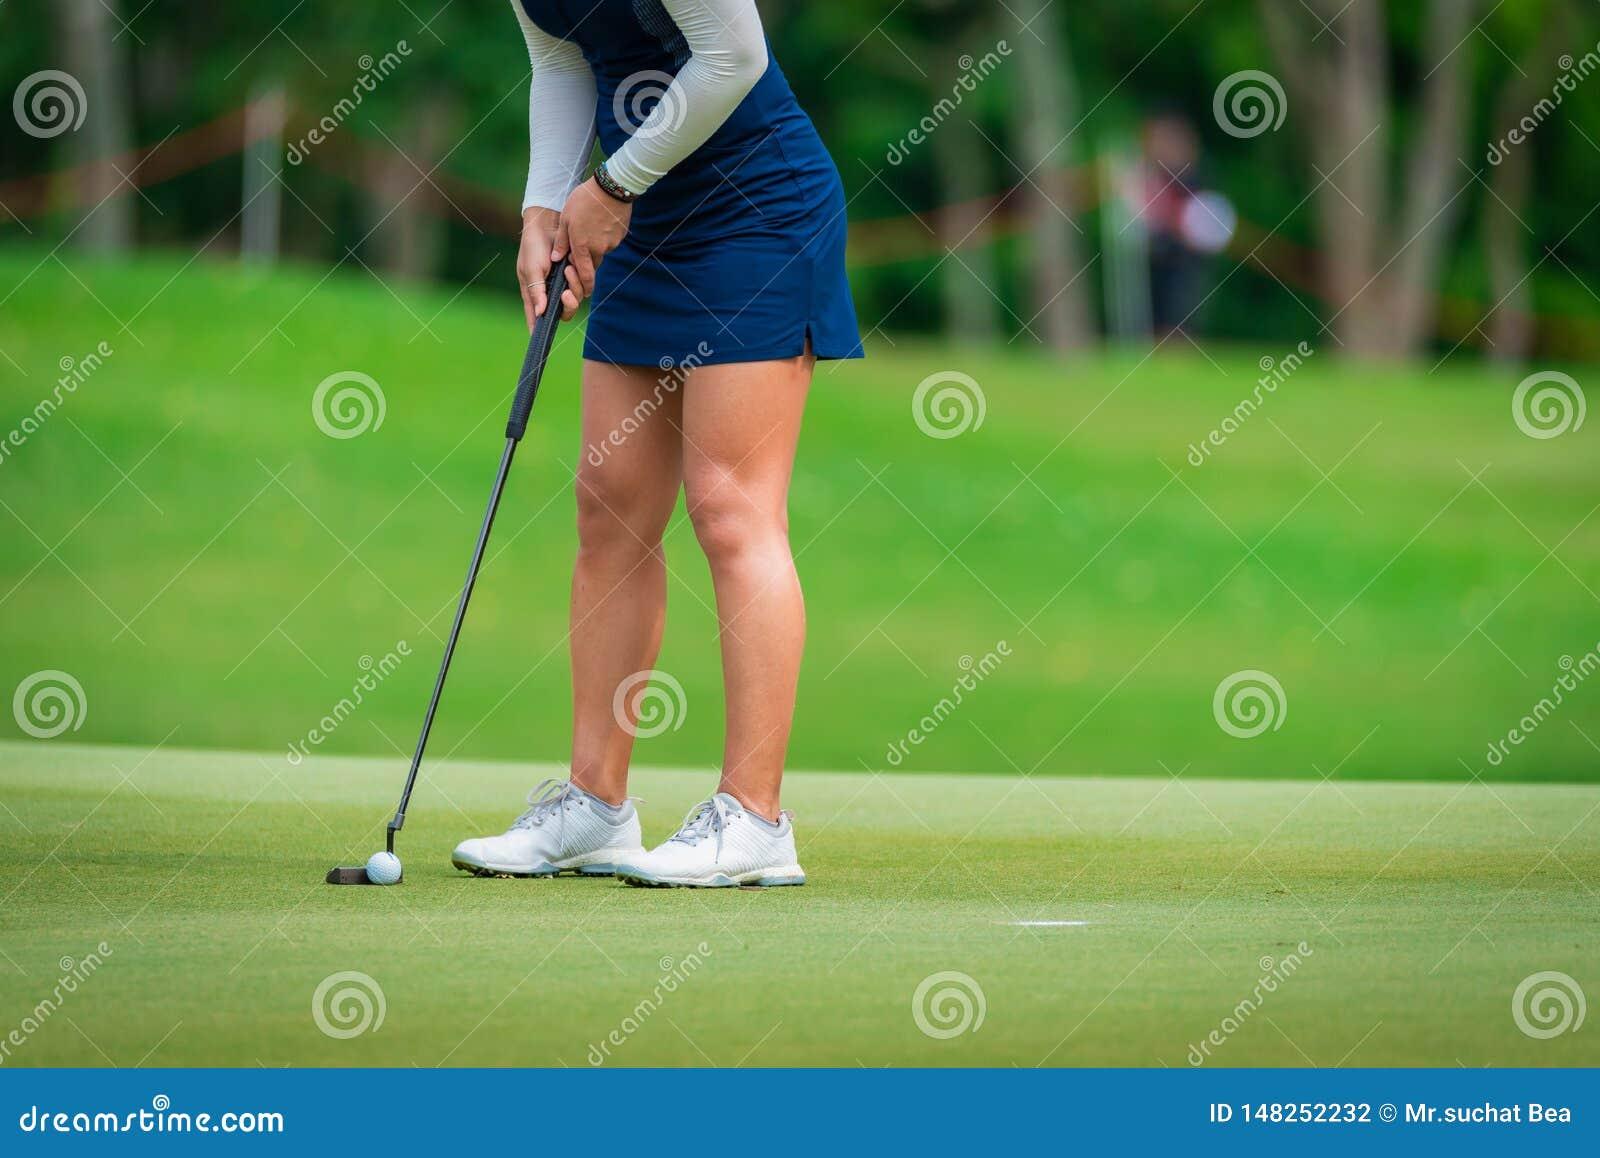 El golfista está juntando con te de pelota de golf del club de golf del juego de la competencia del golf de la camiseta